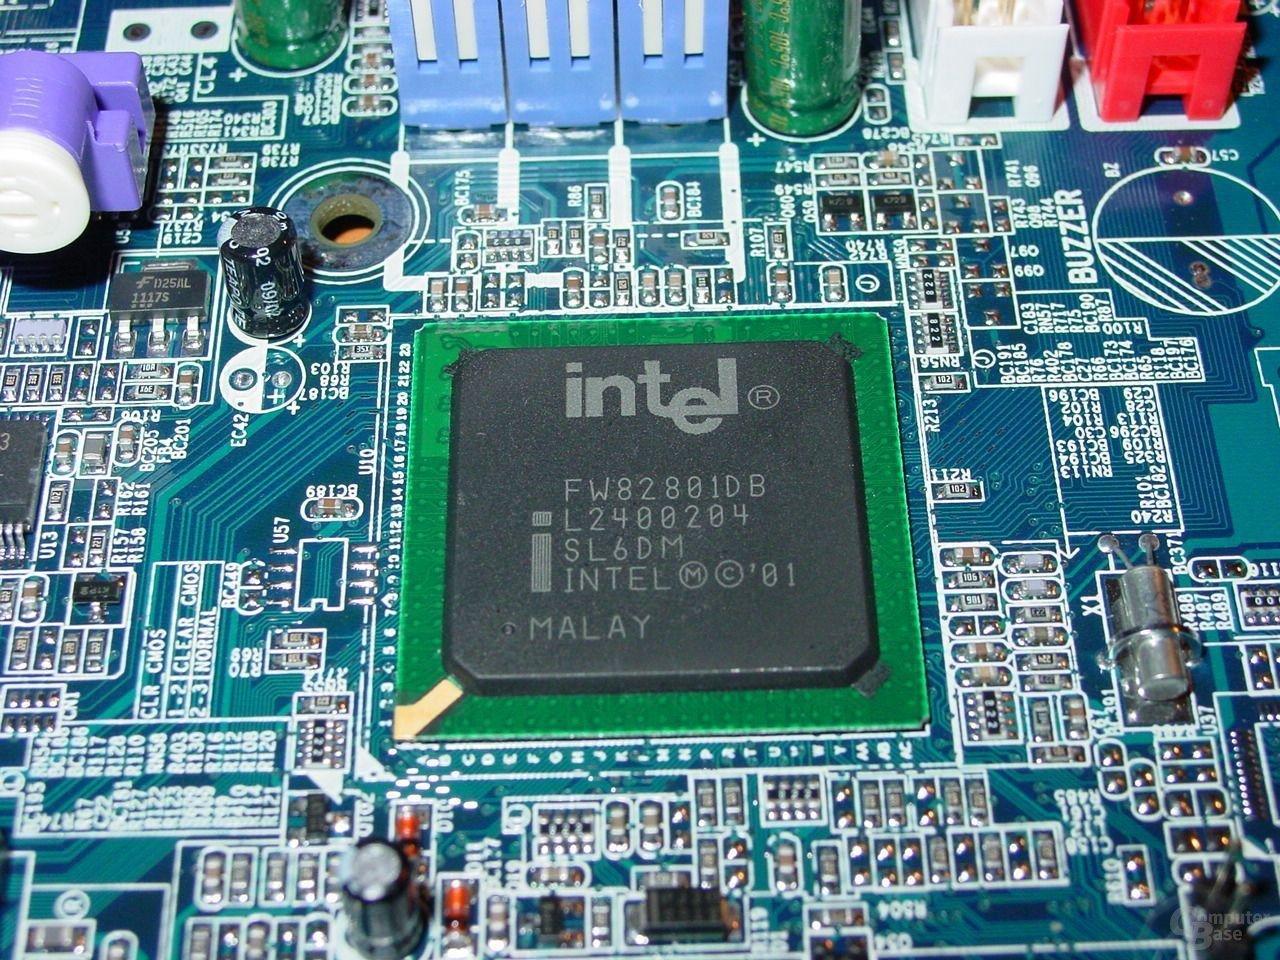 GA-8PE667 Ultra 2 - ICH4